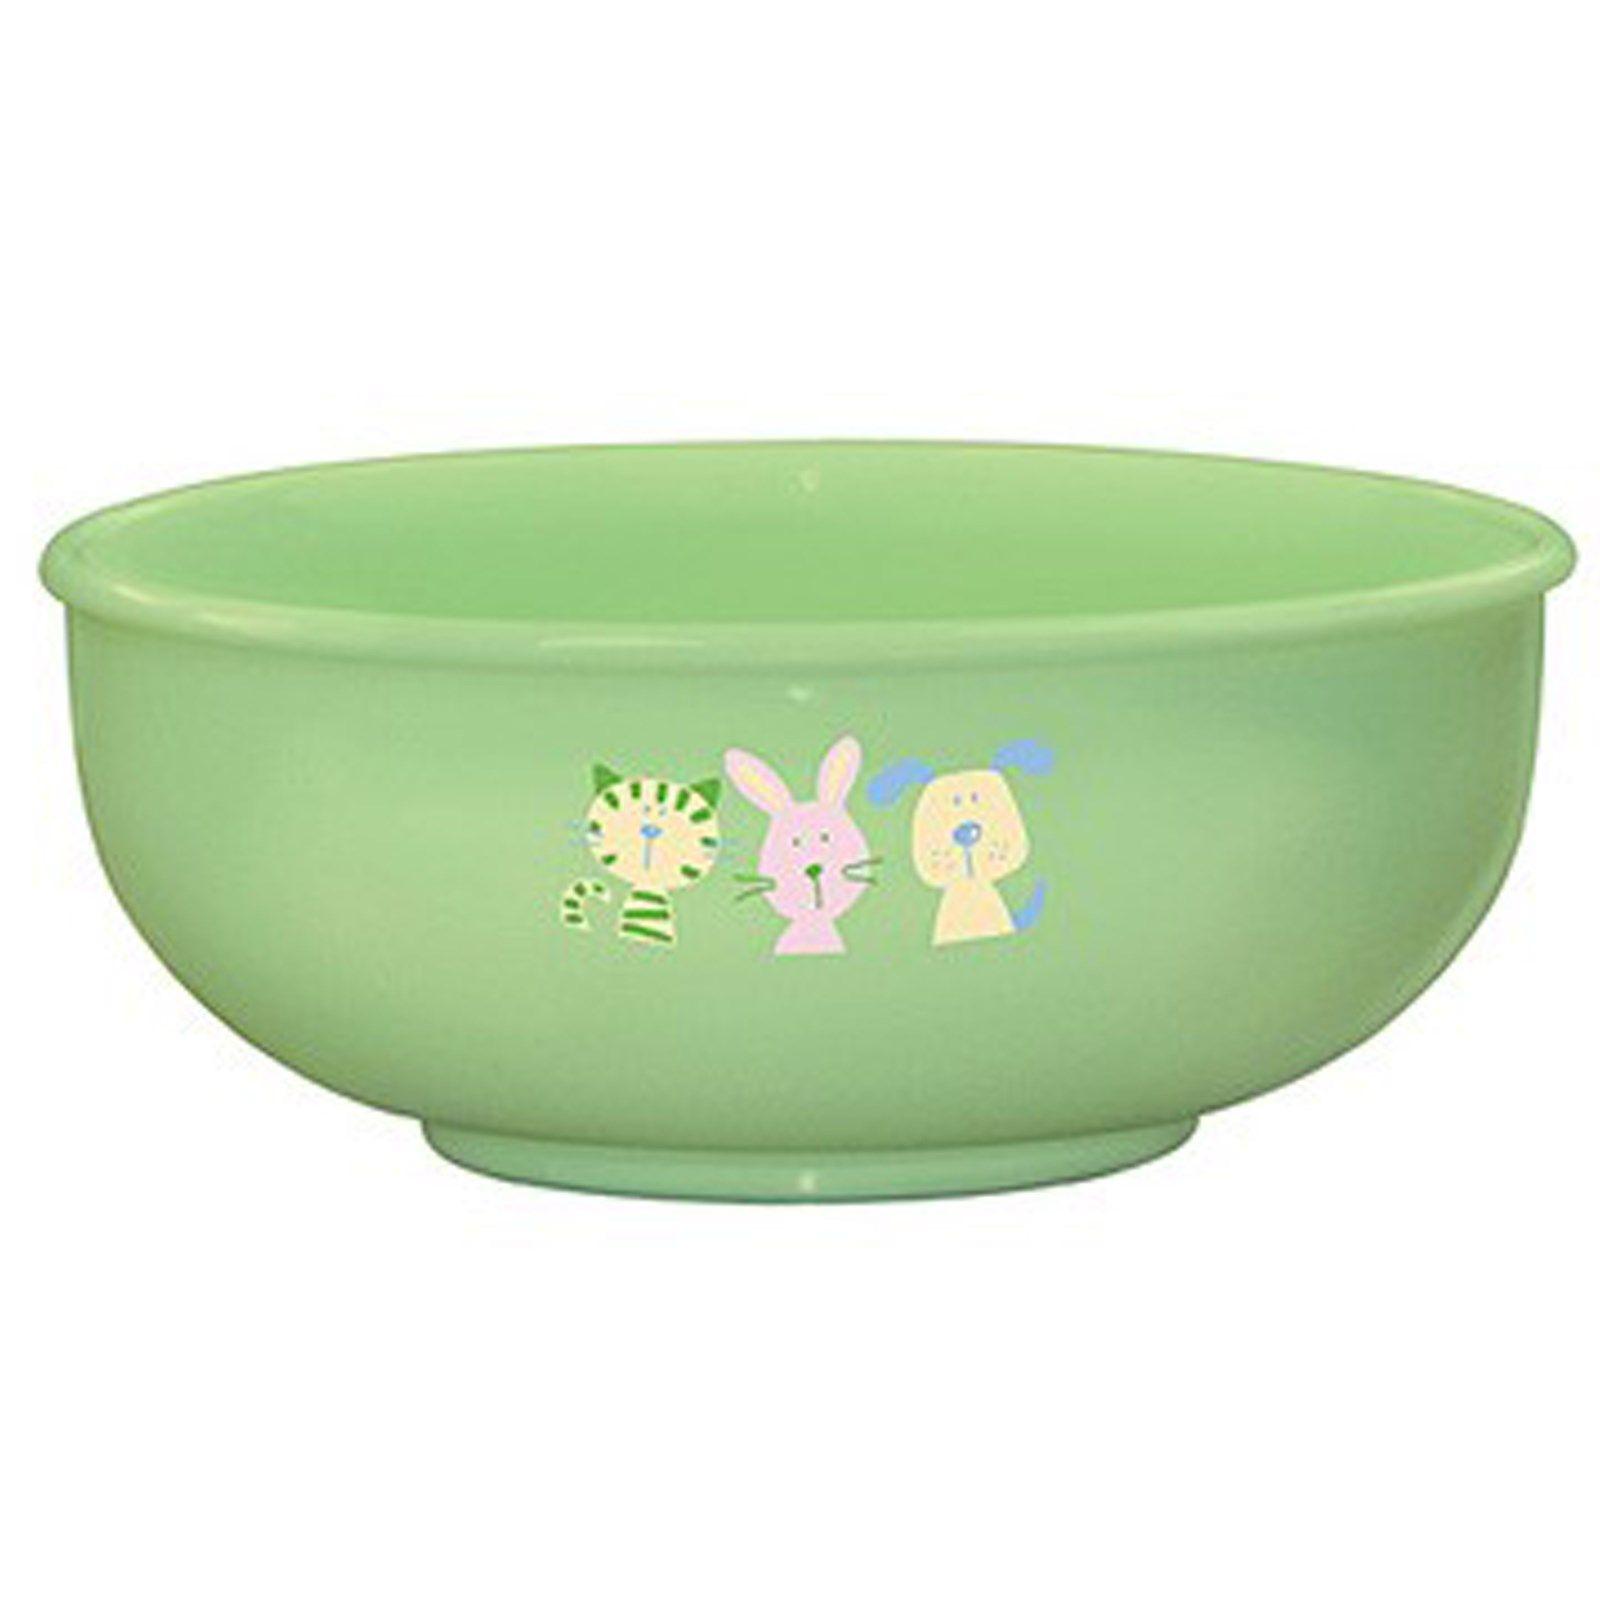 iPlay Inc., 그린 스프라우트, 전분 그릇, 2+ 단계, 3+개월